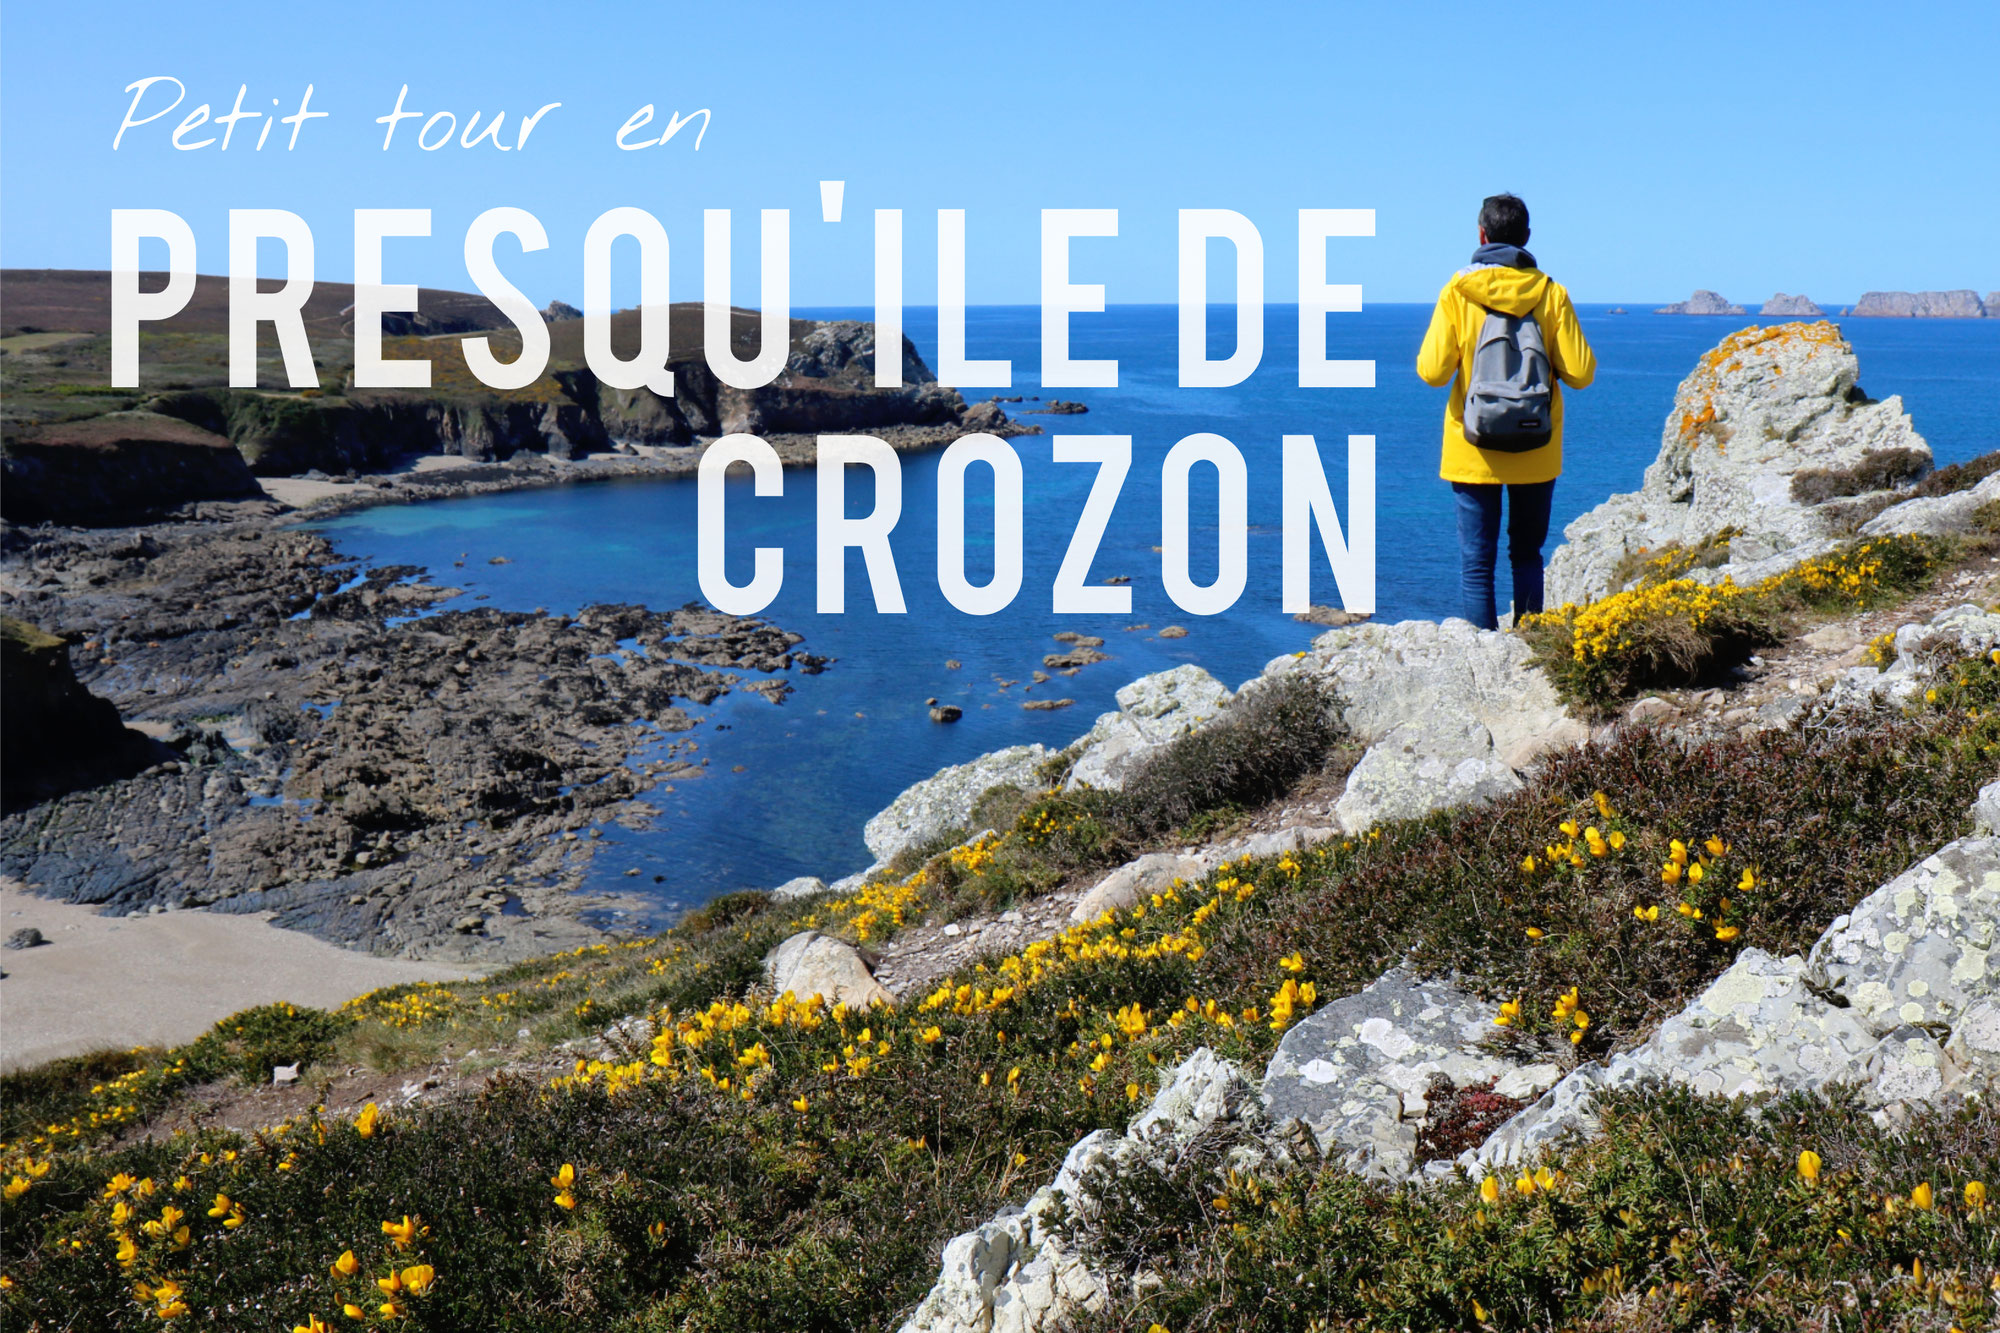 Petit tour en Presqu'île de Crozon